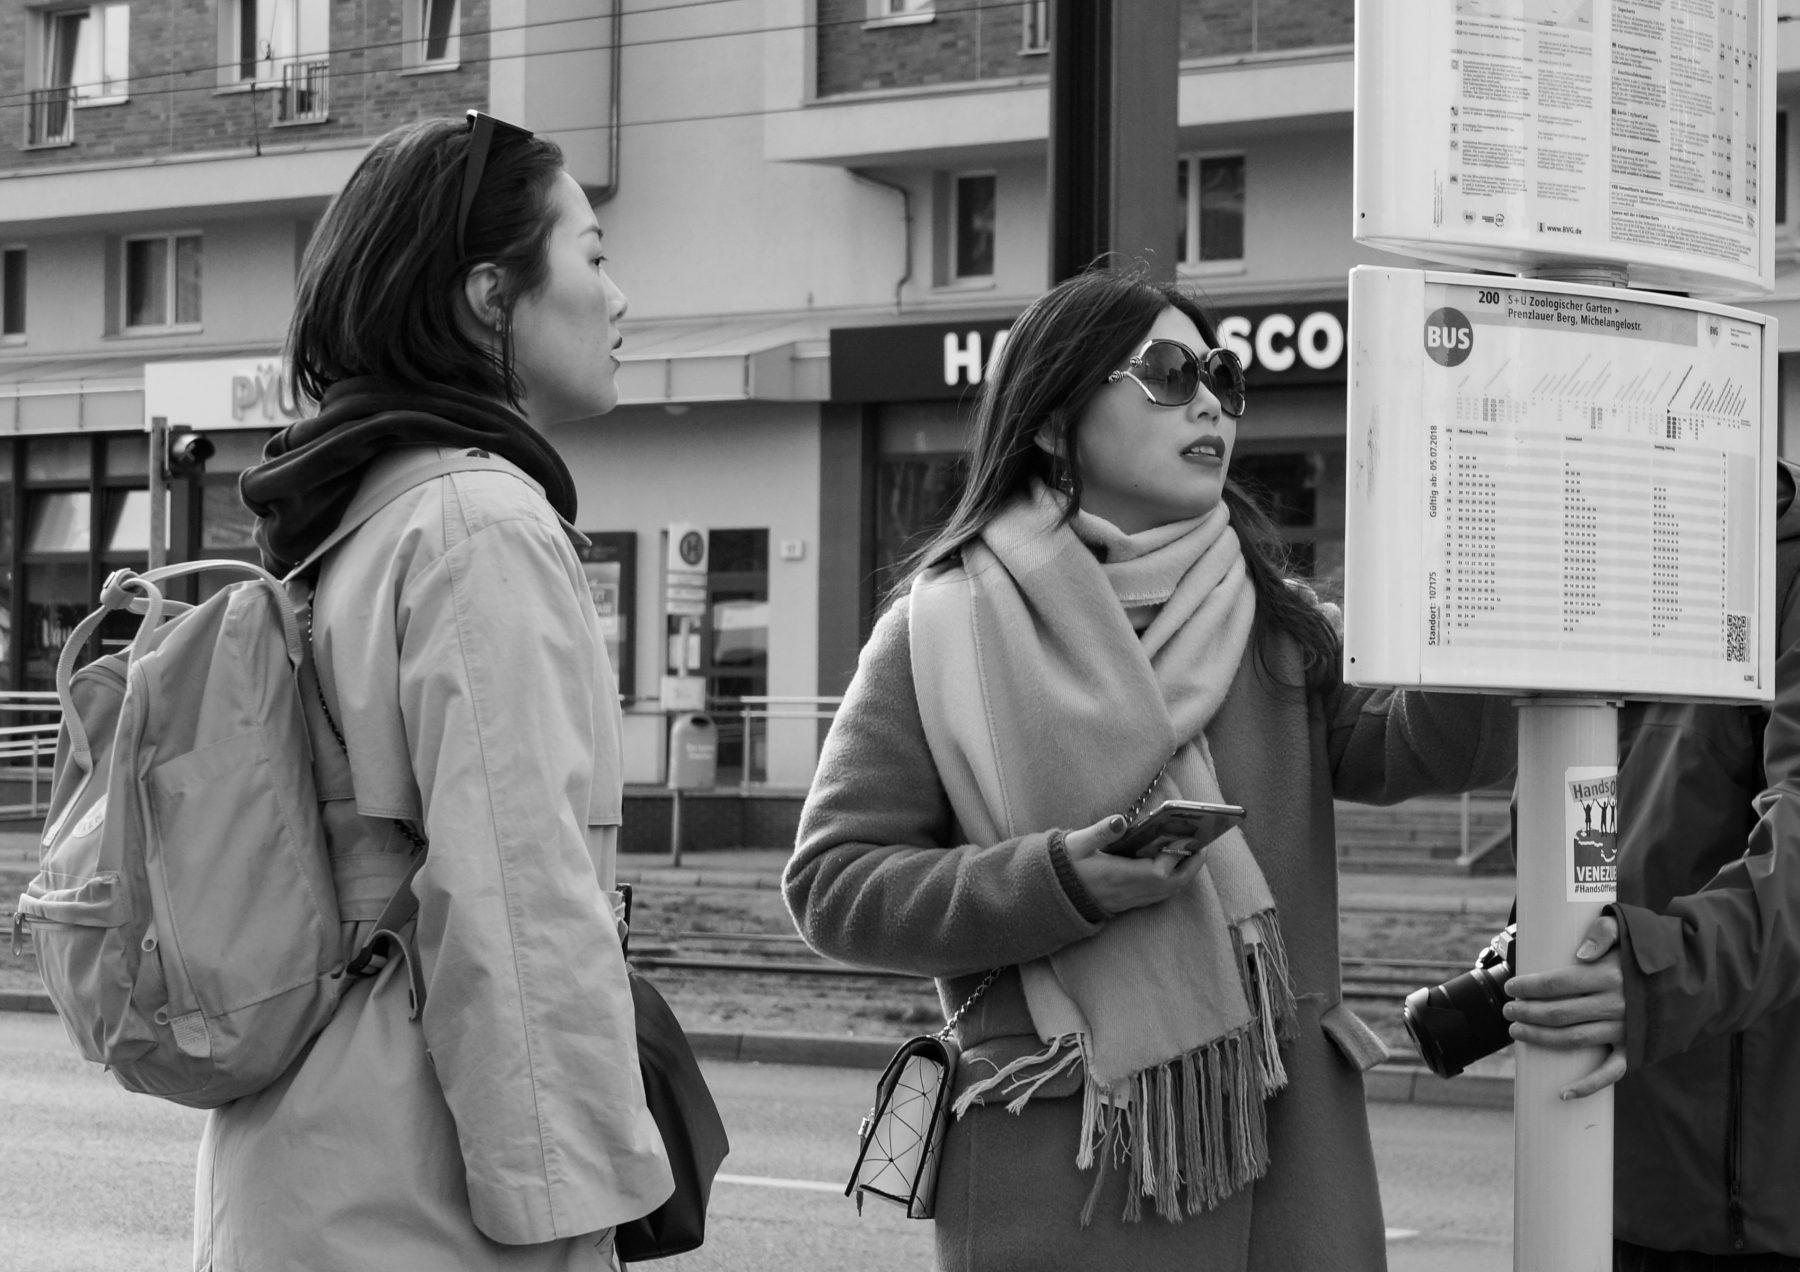 Bus stop, Berlin Alexanderplatz, March 2019